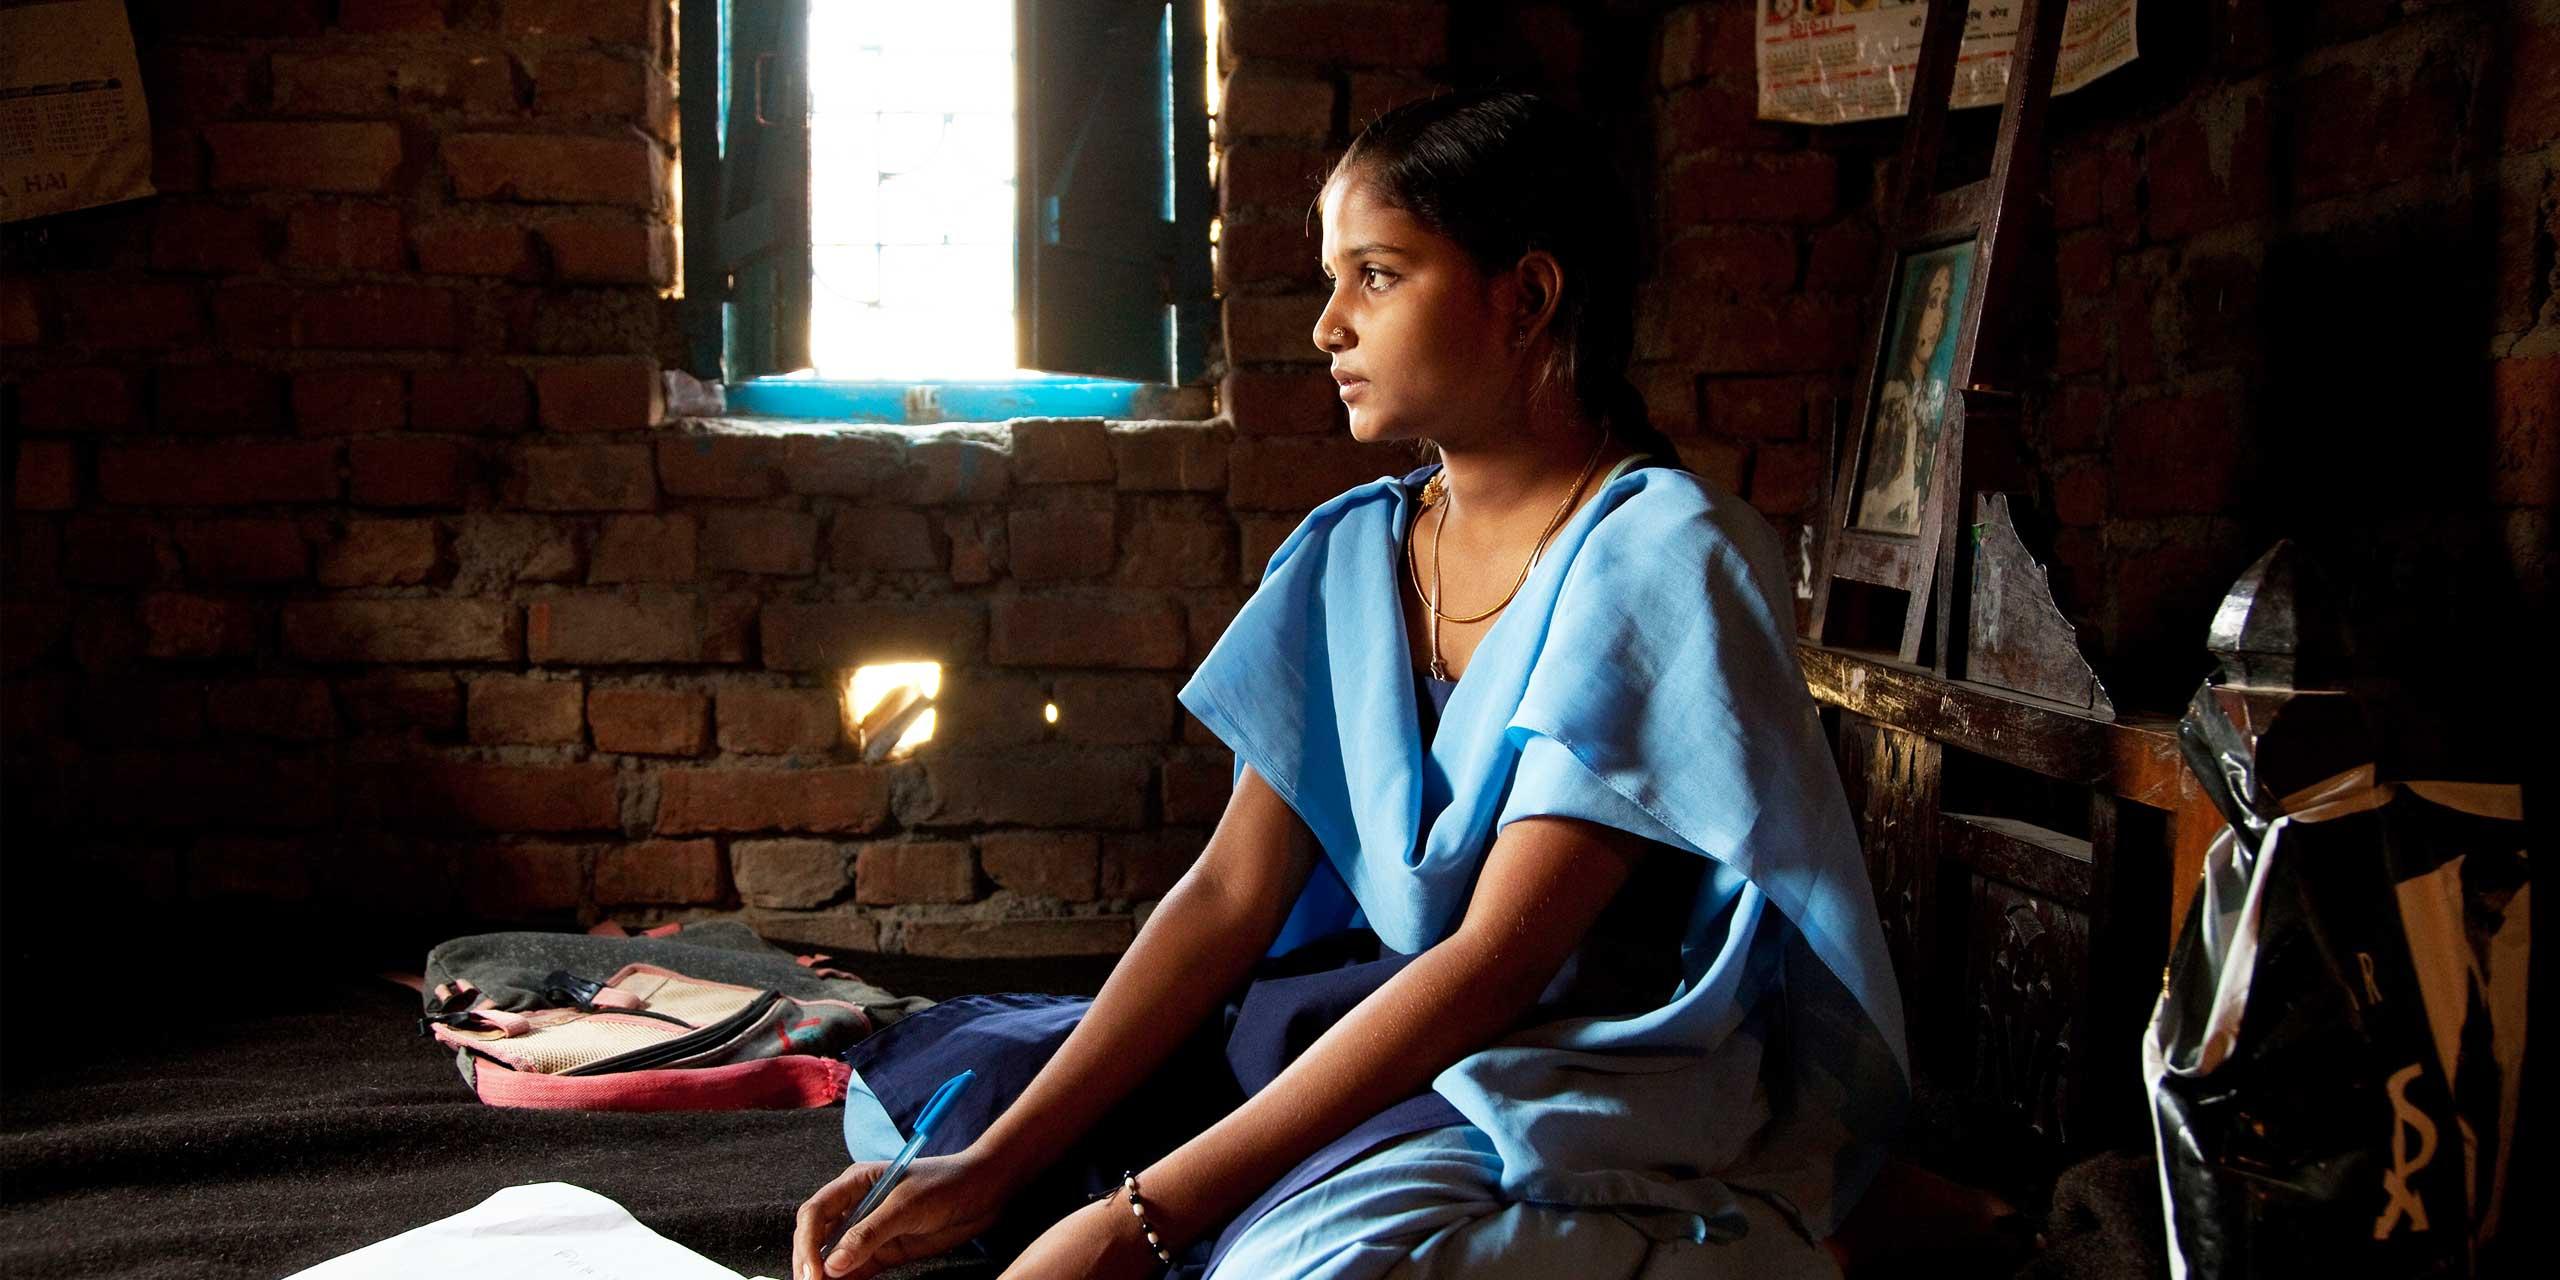 http://s12982.pcdn.co/wp-content/uploads/2014/02/educate-girls-sl1.jpg